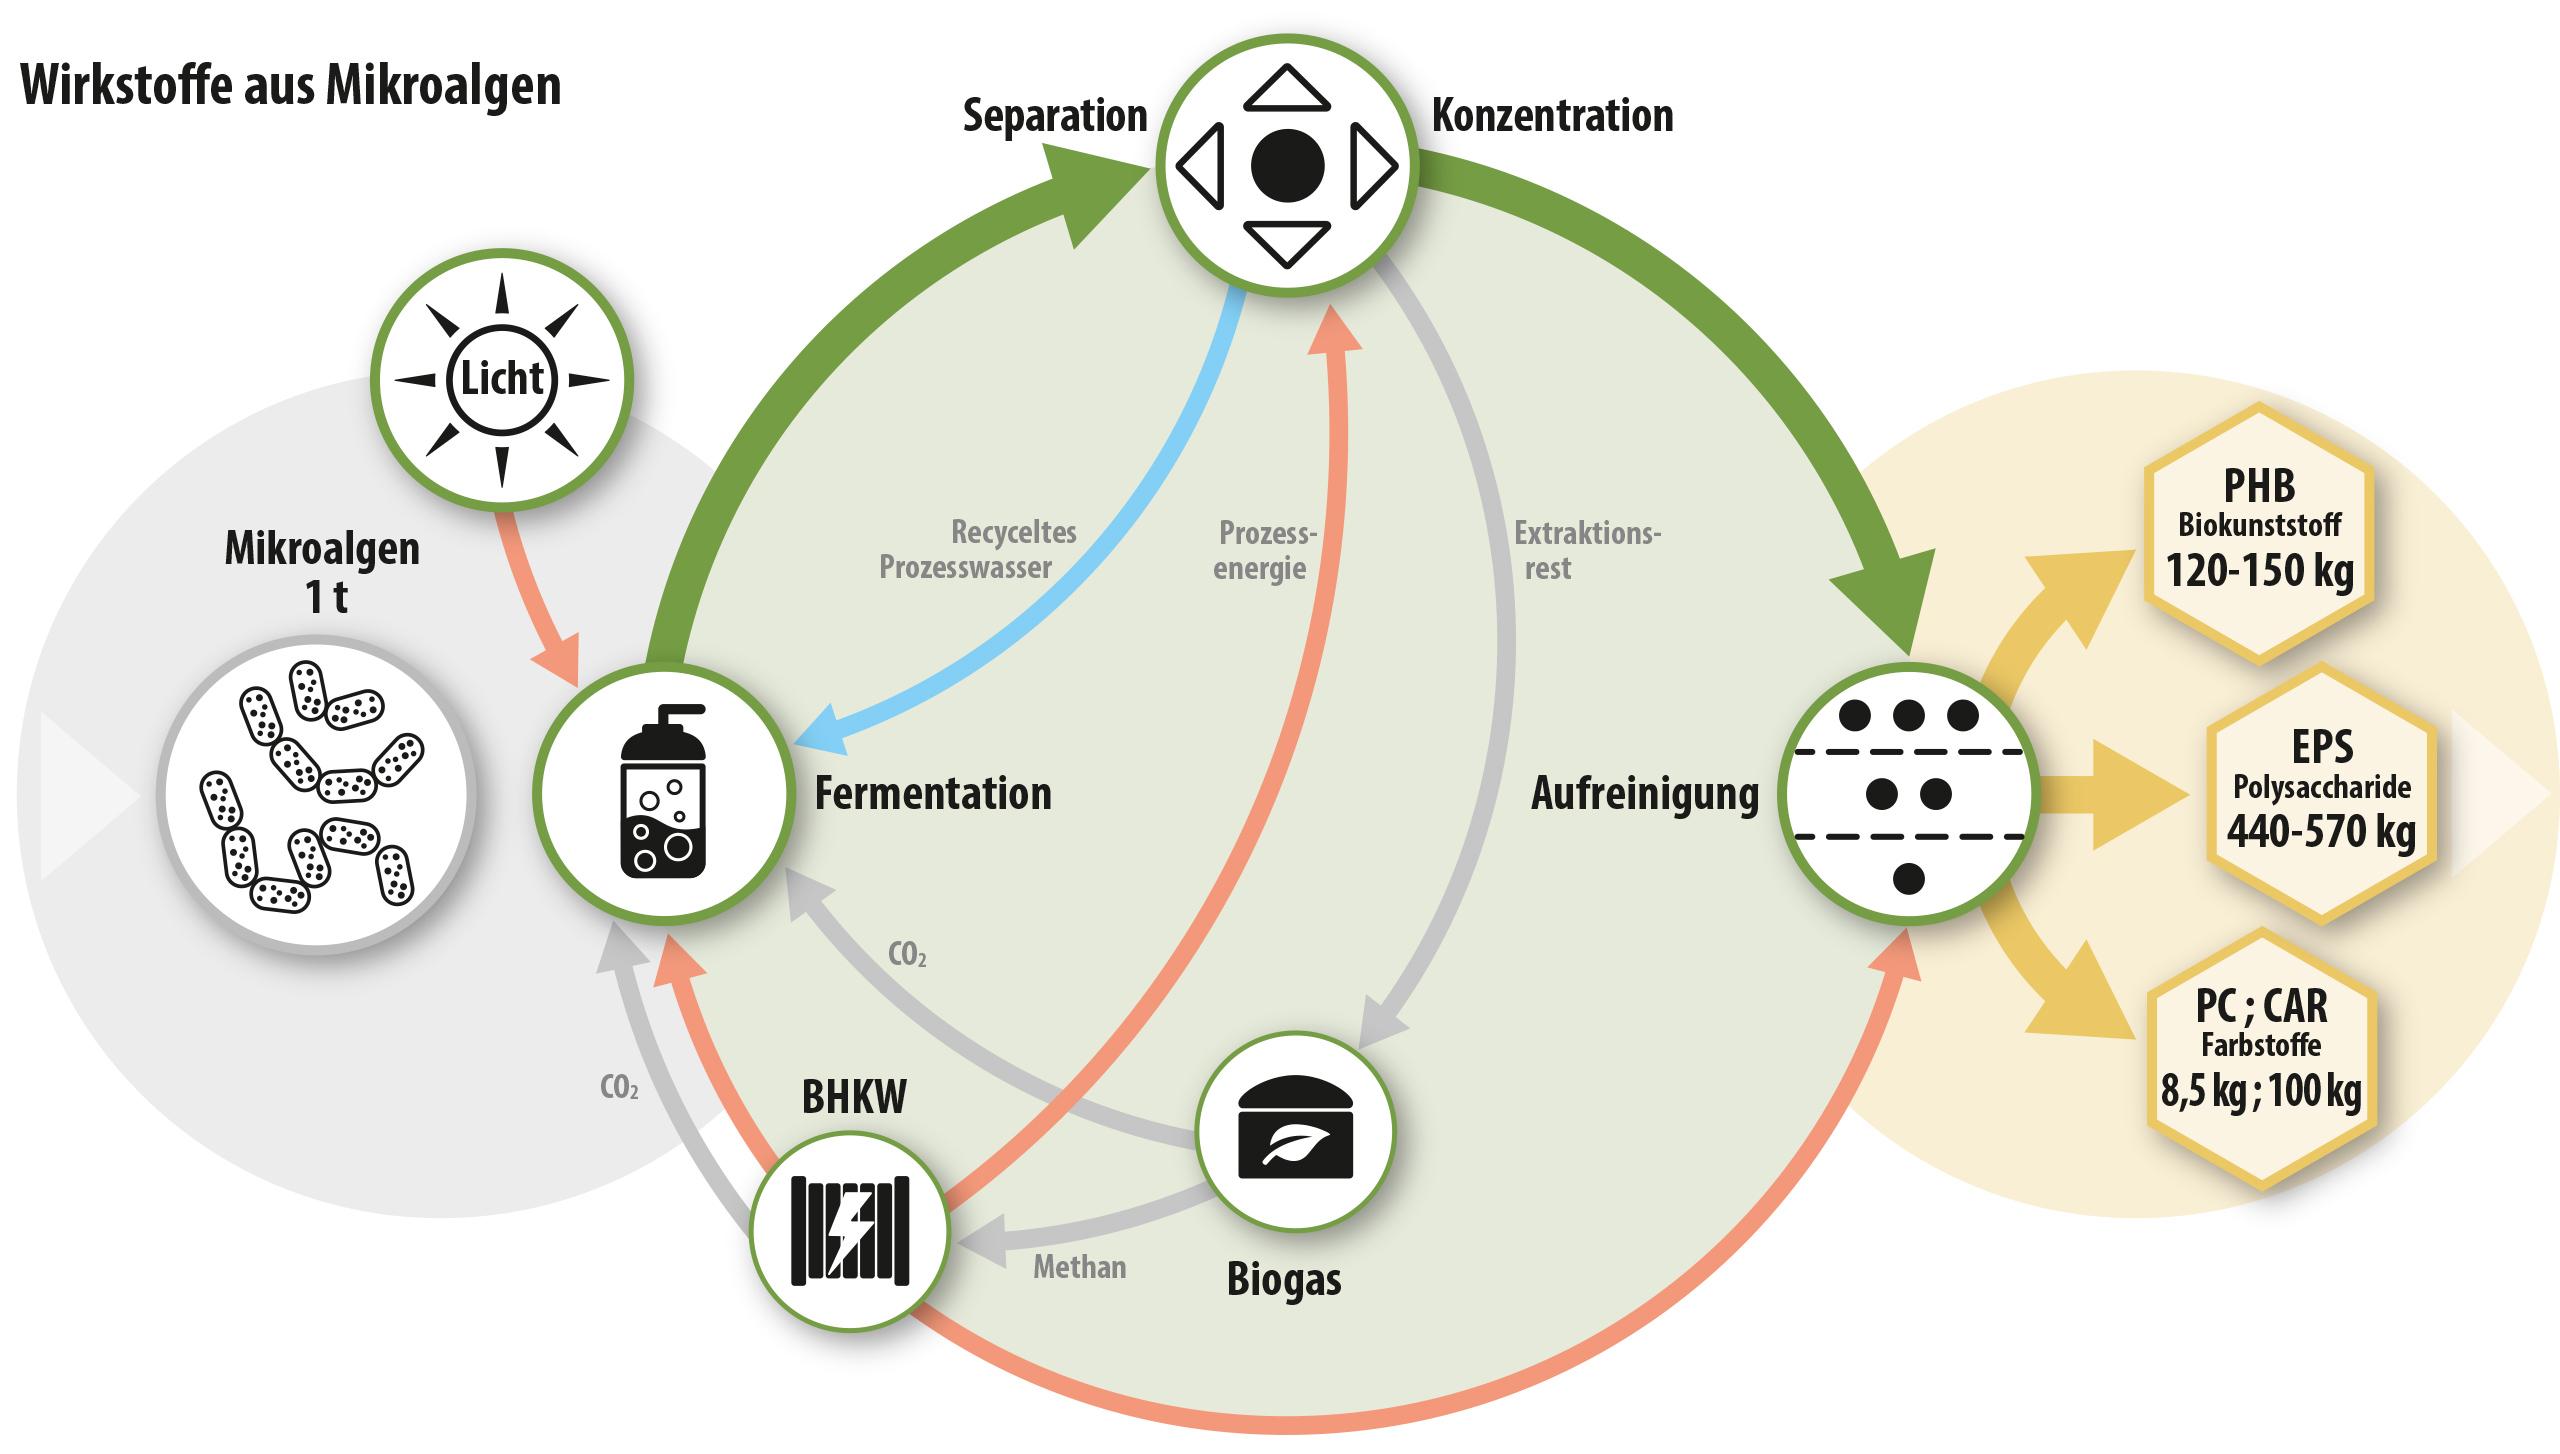 Prozessschema zur Gewinnung von Wertstoffen aus Algen mittels Zero-Waste Prinzip.